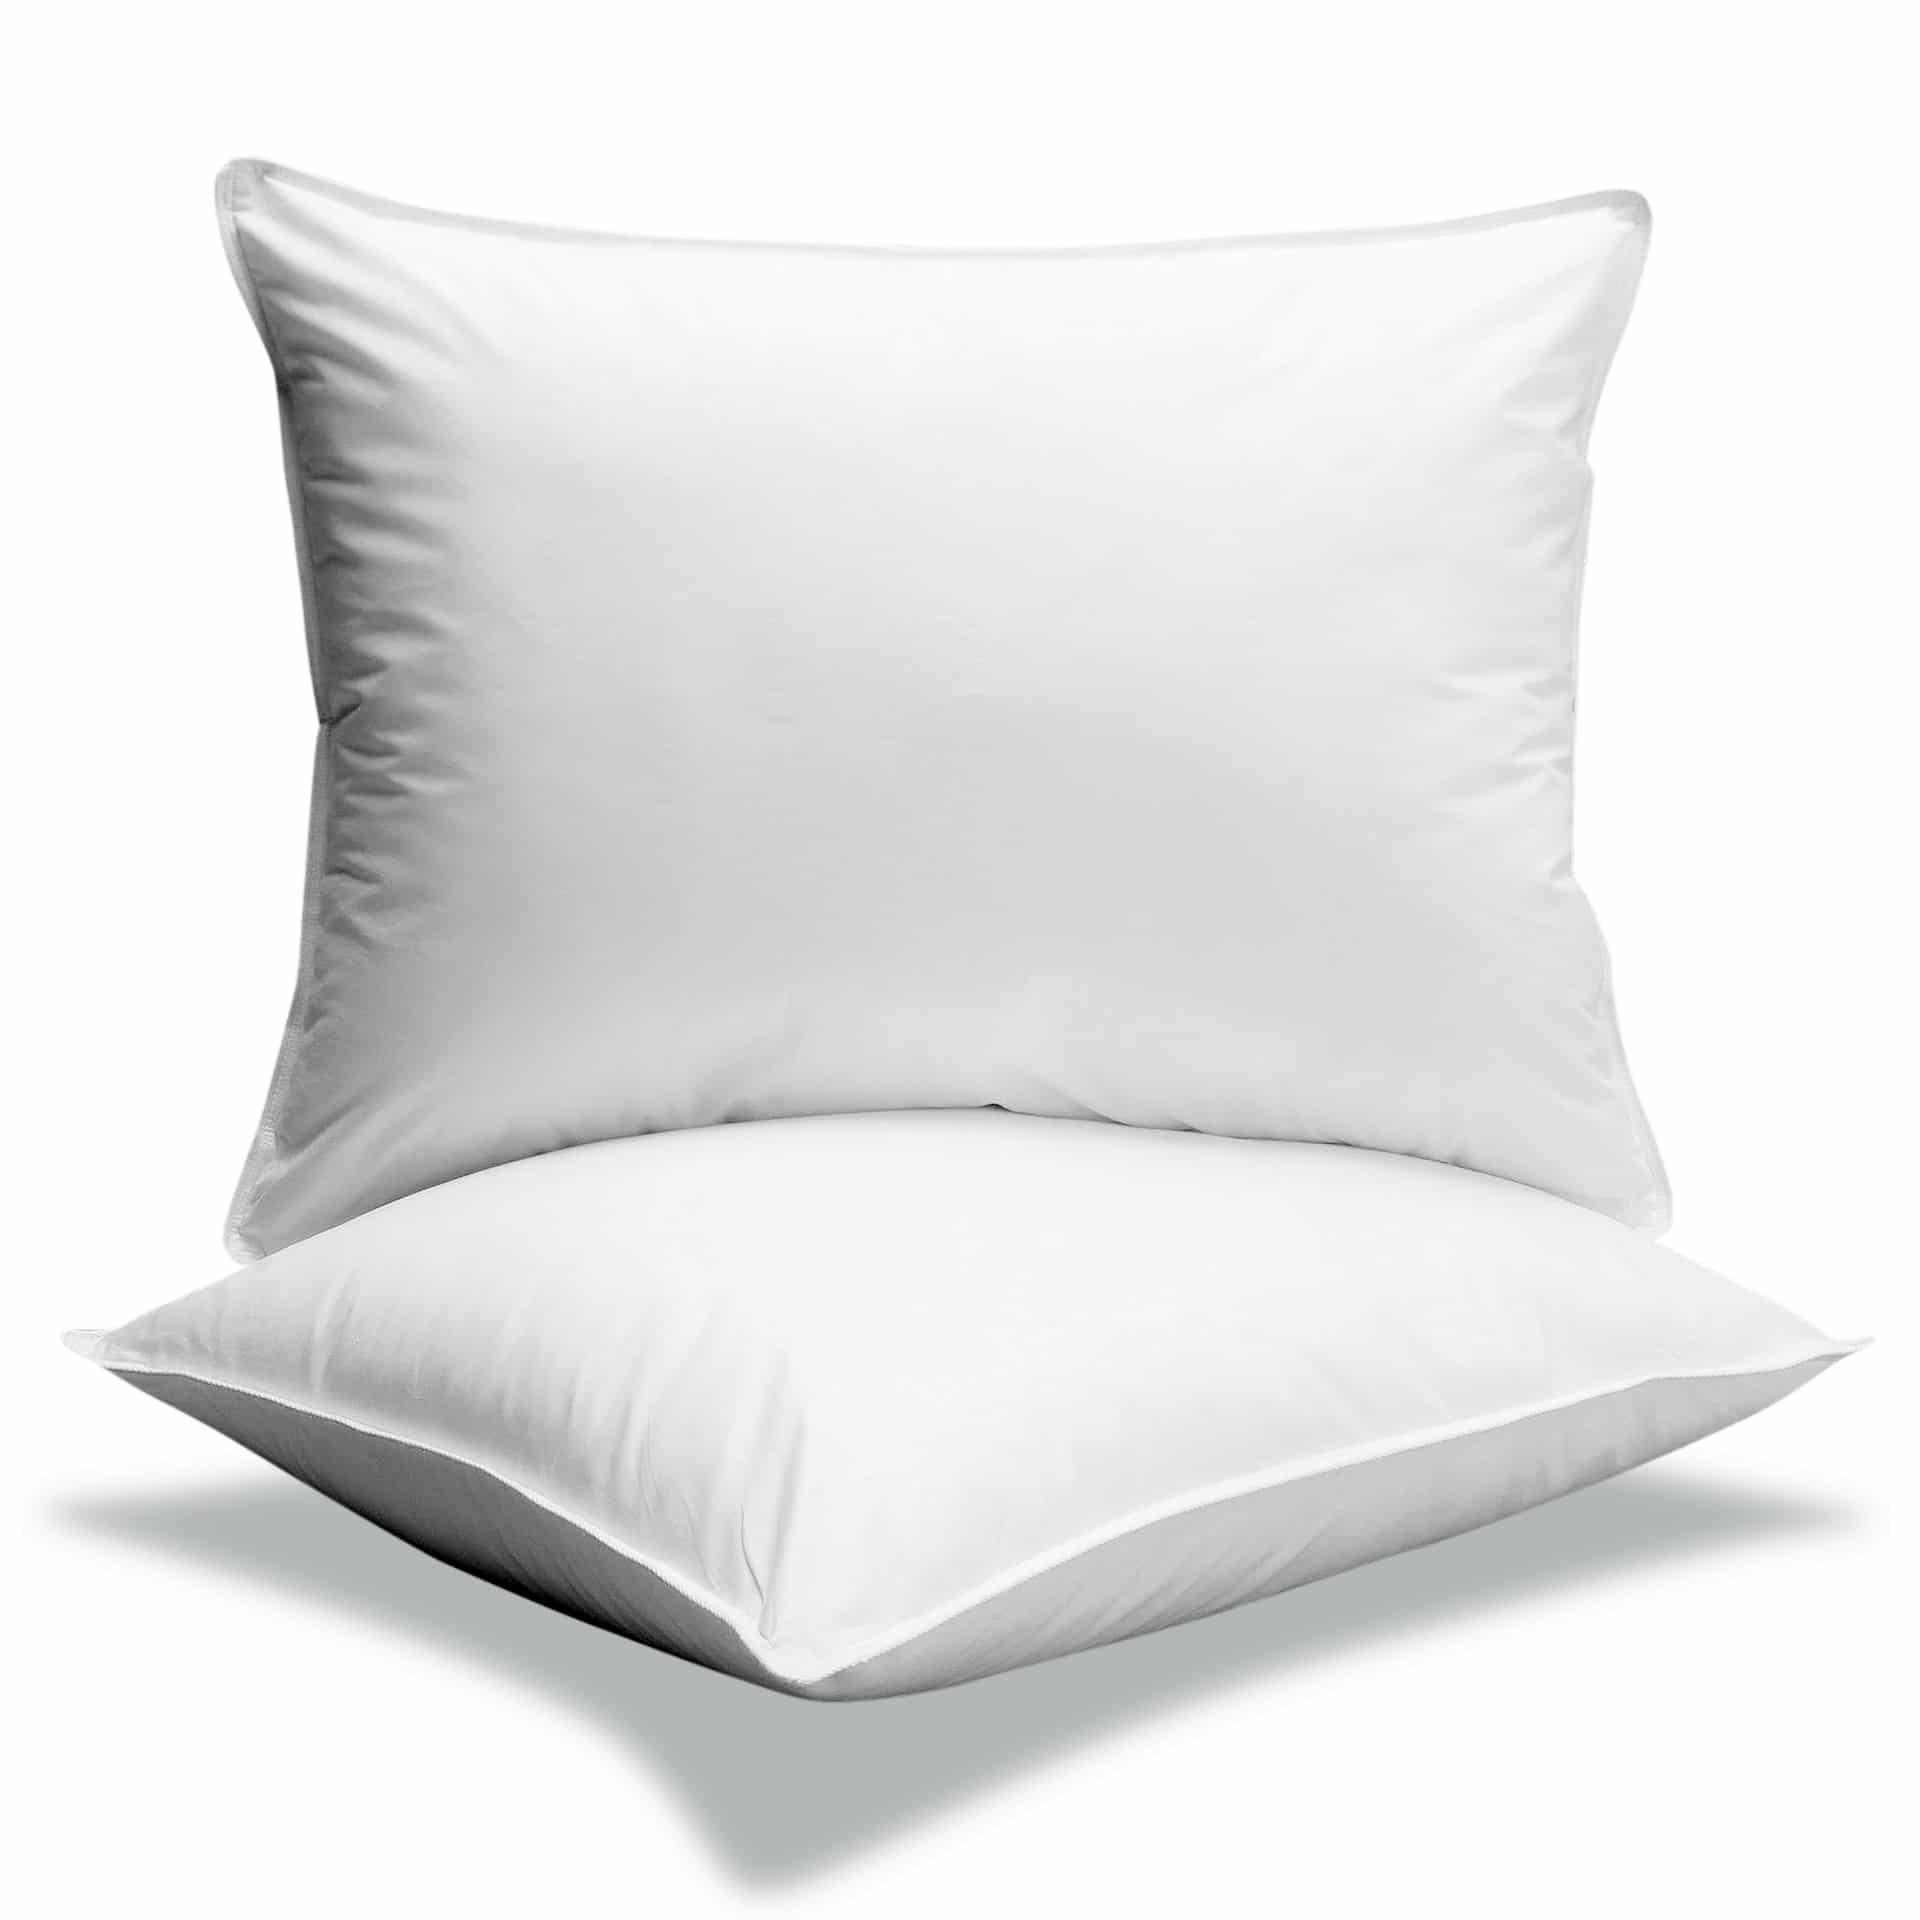 Best Sleeping Position - Pillow